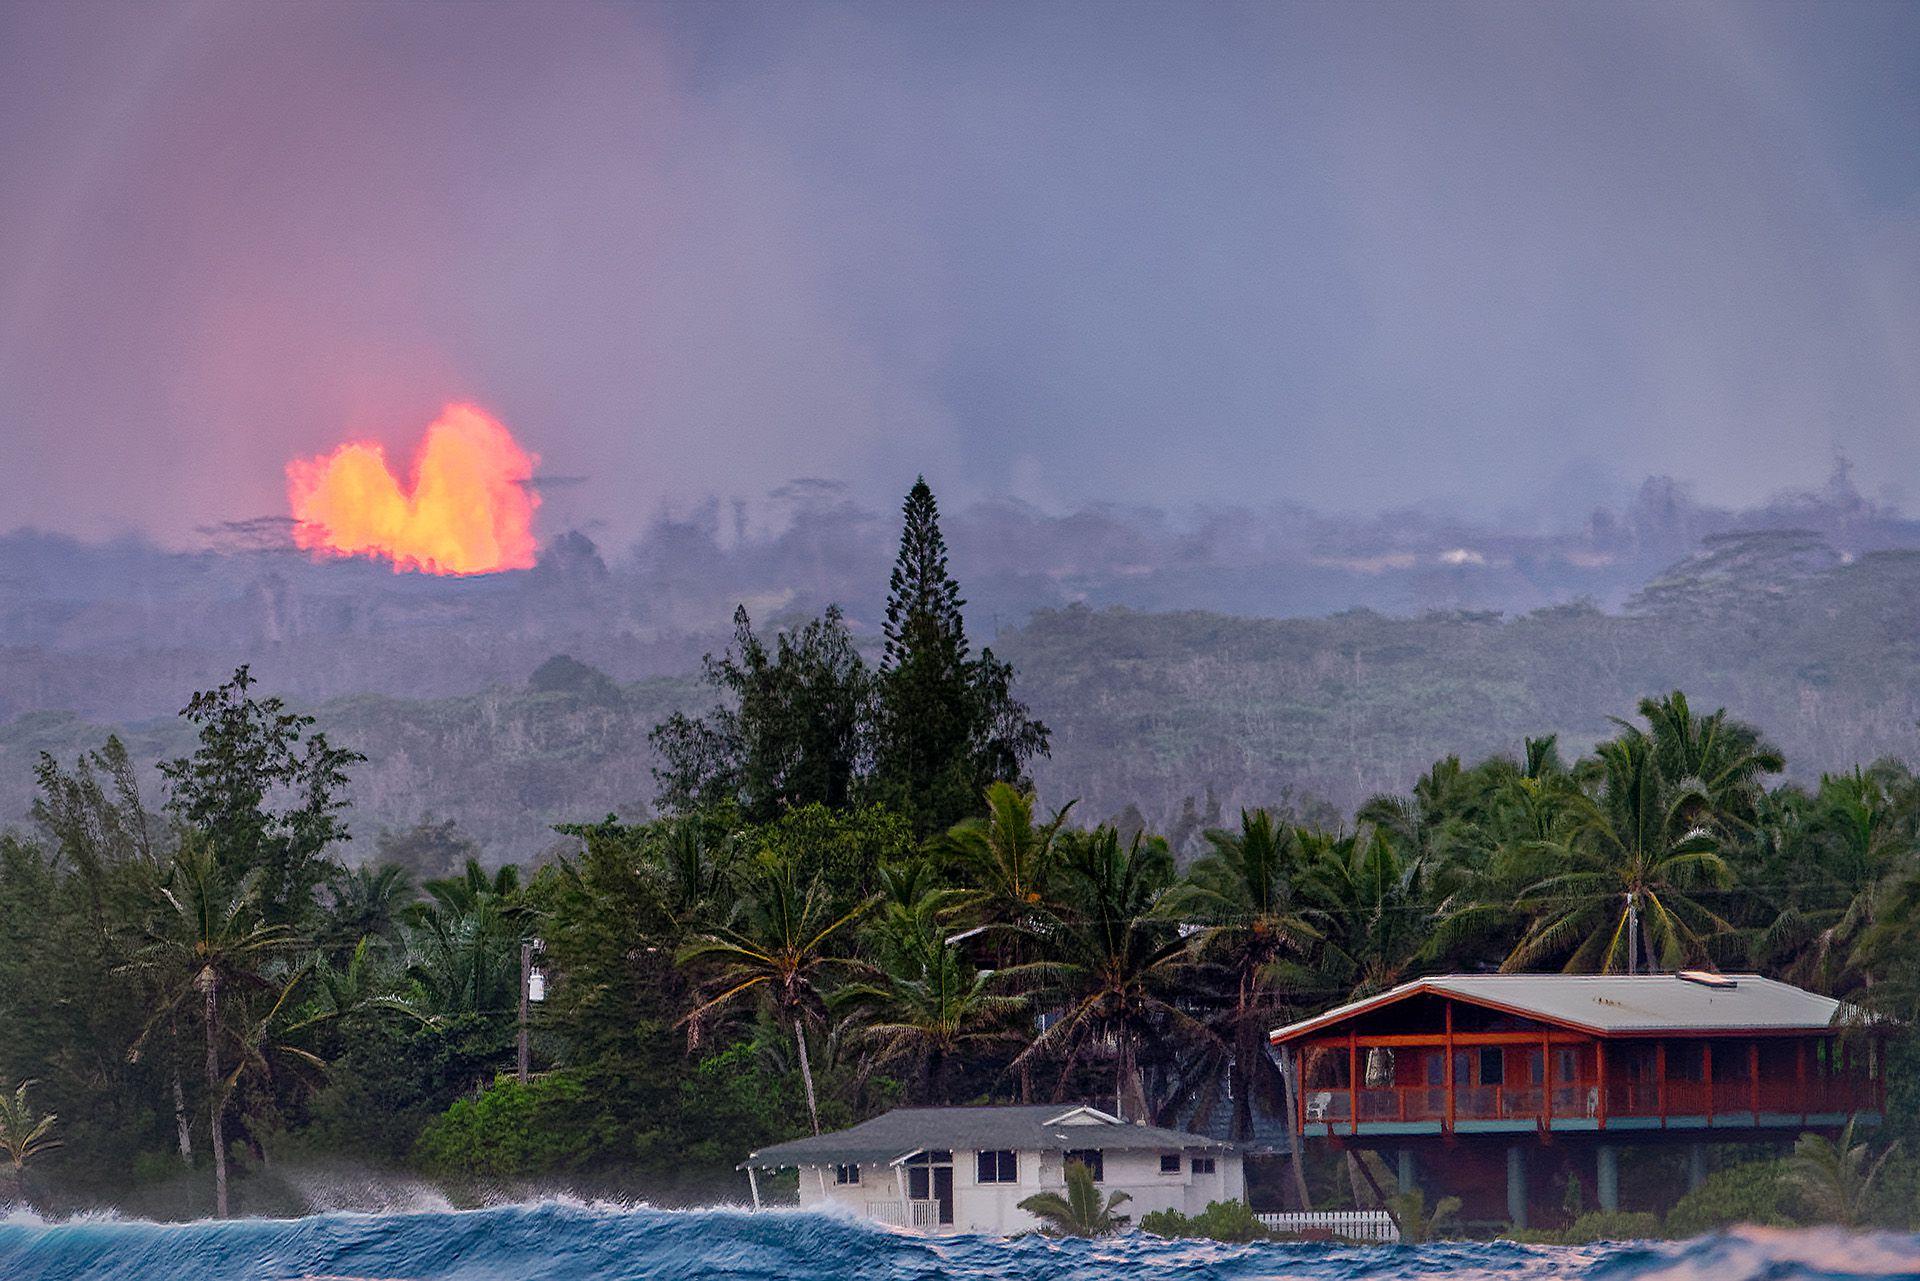 USA, Hawaii, Volcanoes National Park, Kilauea erupting, Island Of Hawaii, USA 2